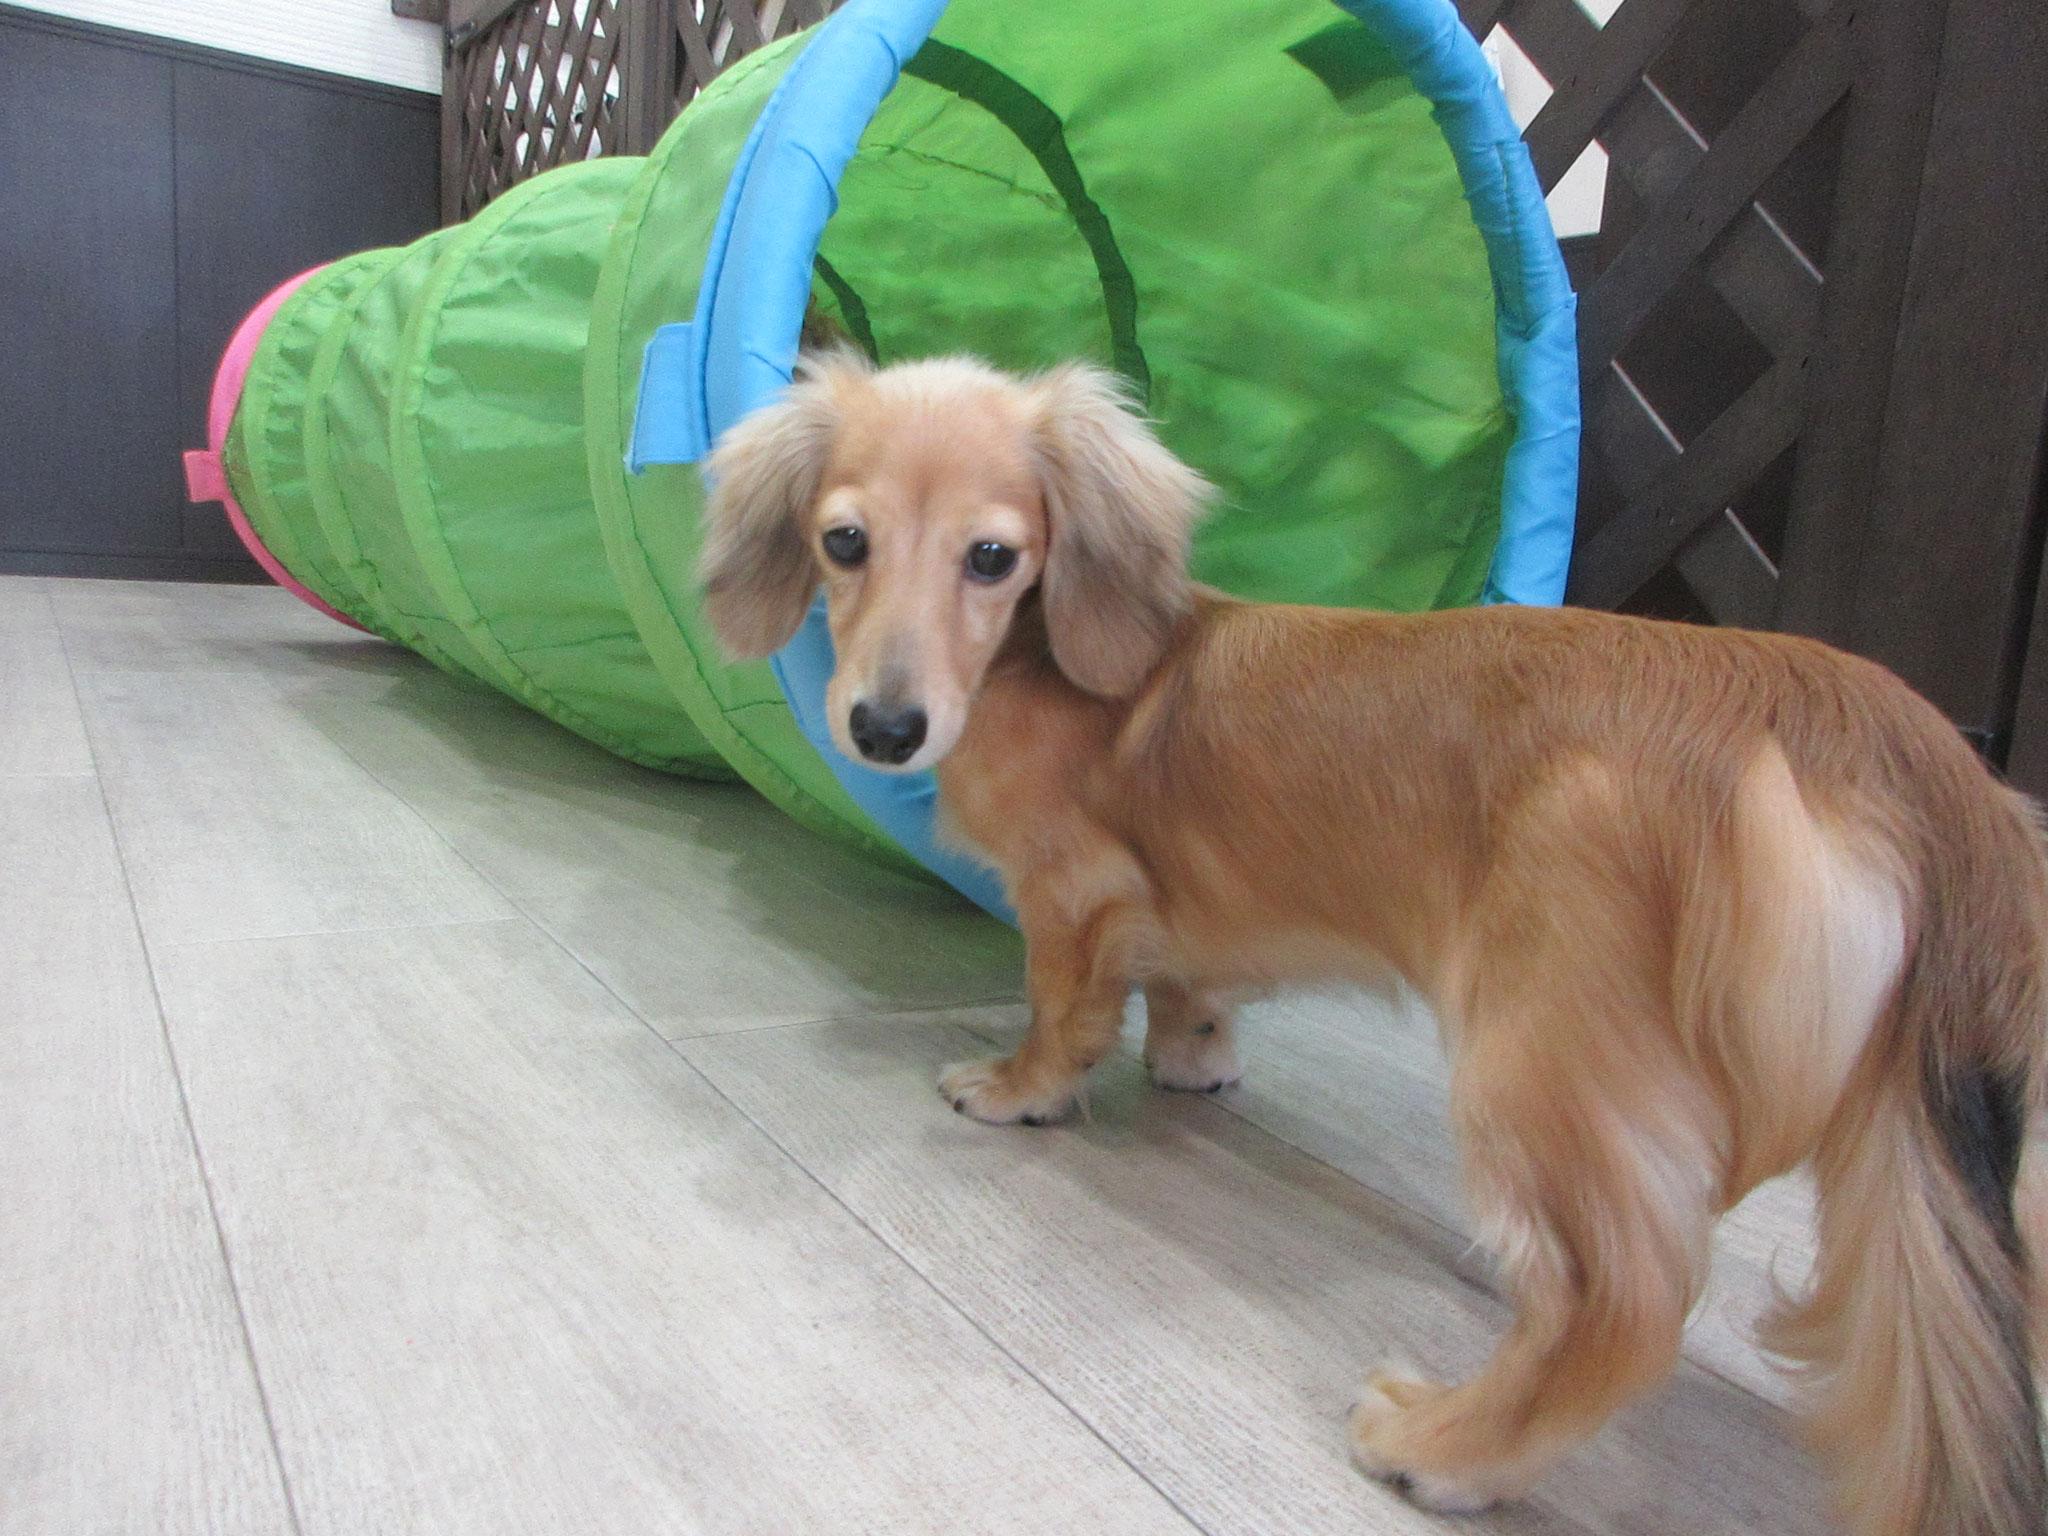 ことちゃん・犬の保育園Baby・犬・犬のしつけ・犬の社会化・習志野市・八千代市・船橋市